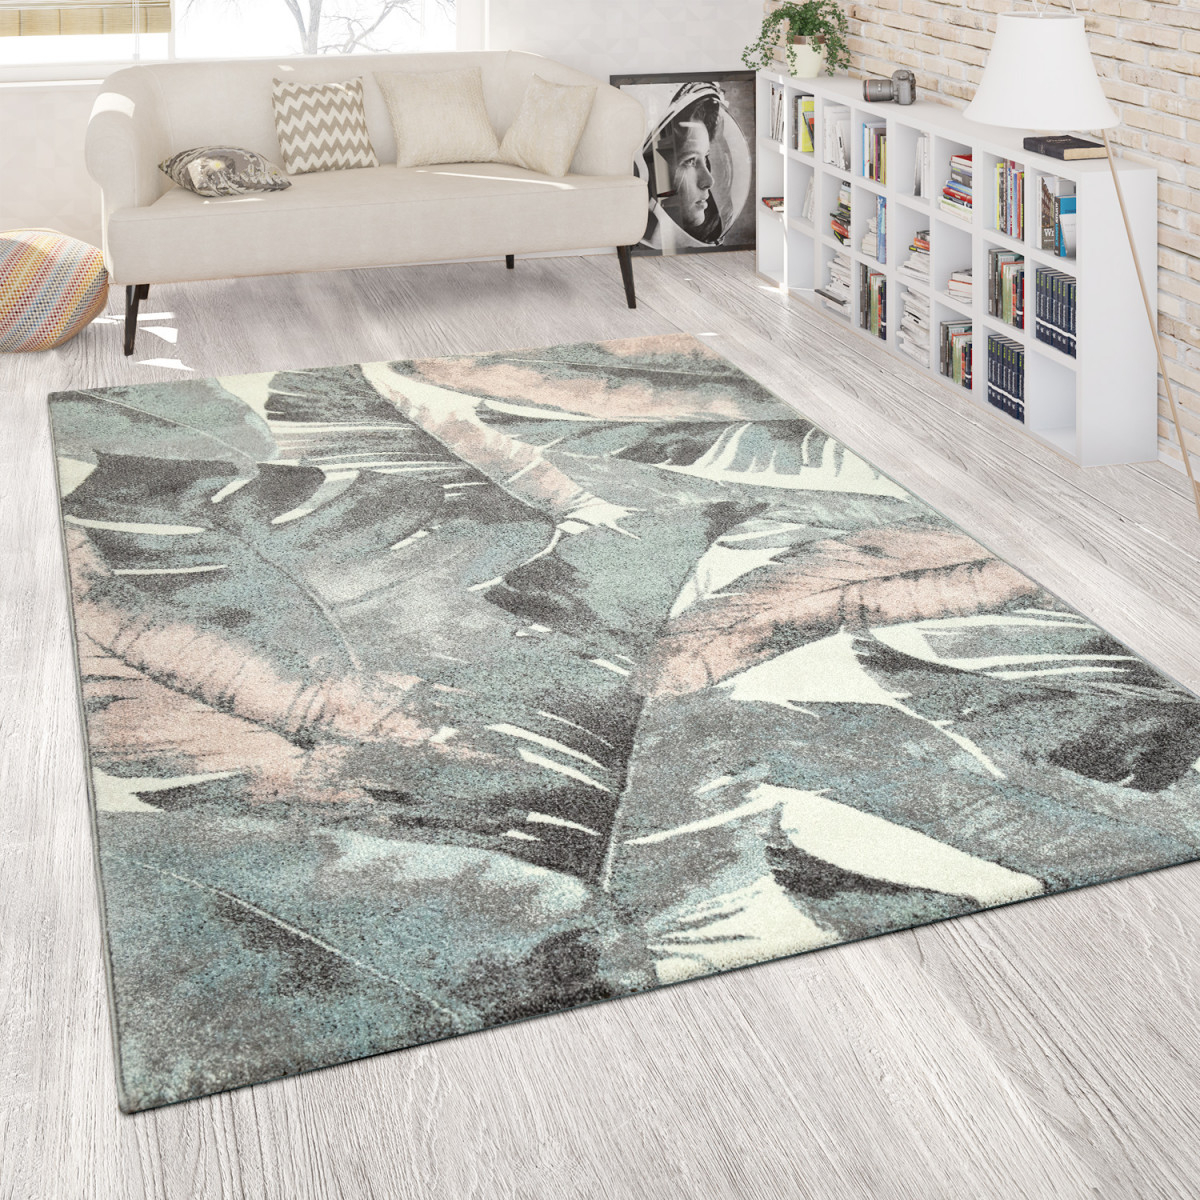 Details Zu Wohnzimmer Teppich Kurzflor Grün Rosa Bunt Pastellfarben Blumen  Palmen Design von Wohnzimmer Mit Teppich Photo